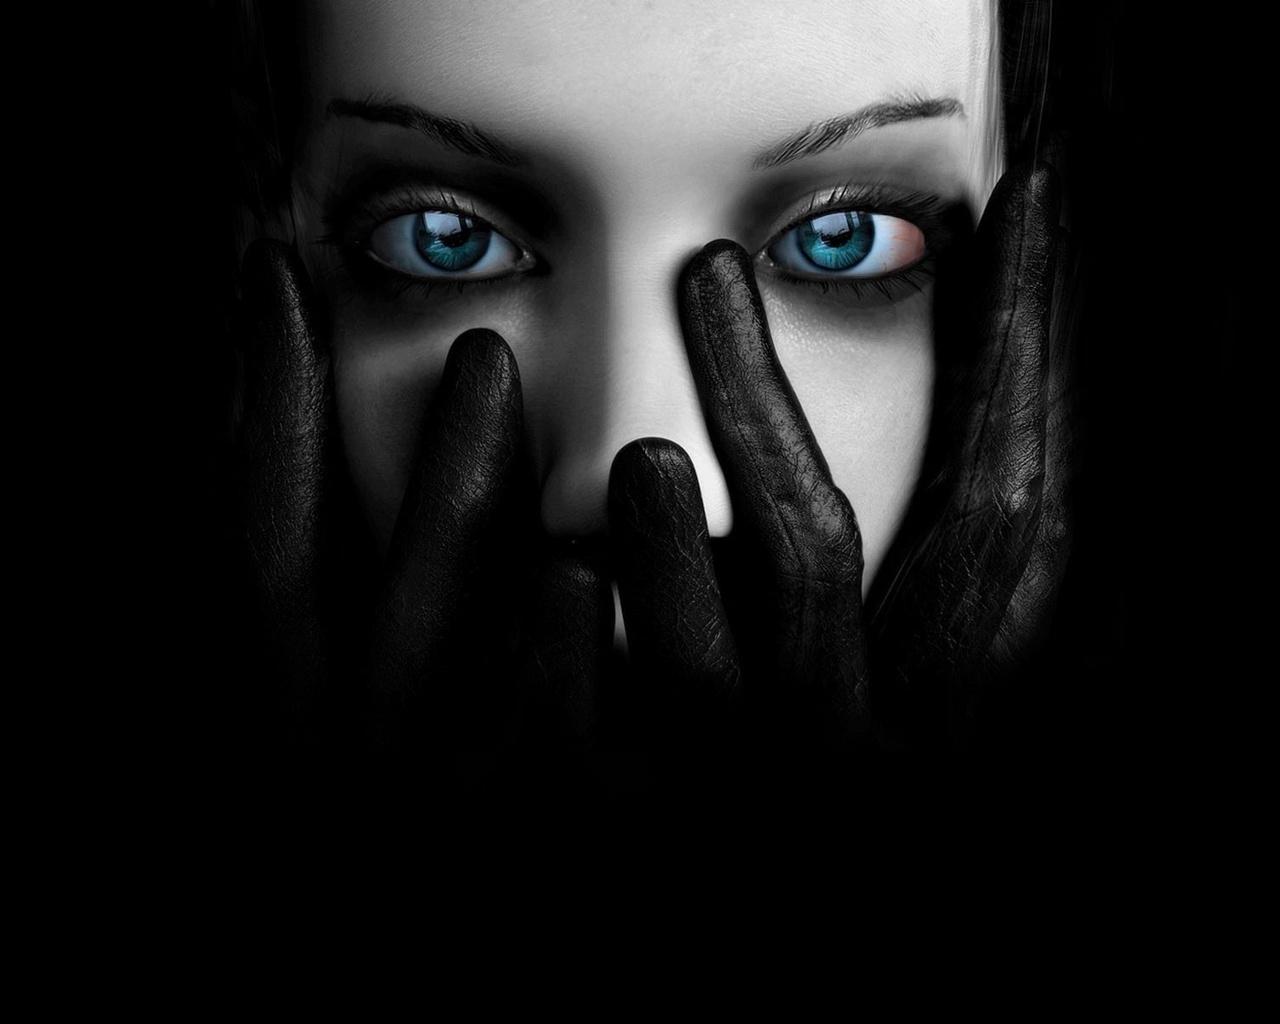 Черно белое креативное фото девушек 20 фотография